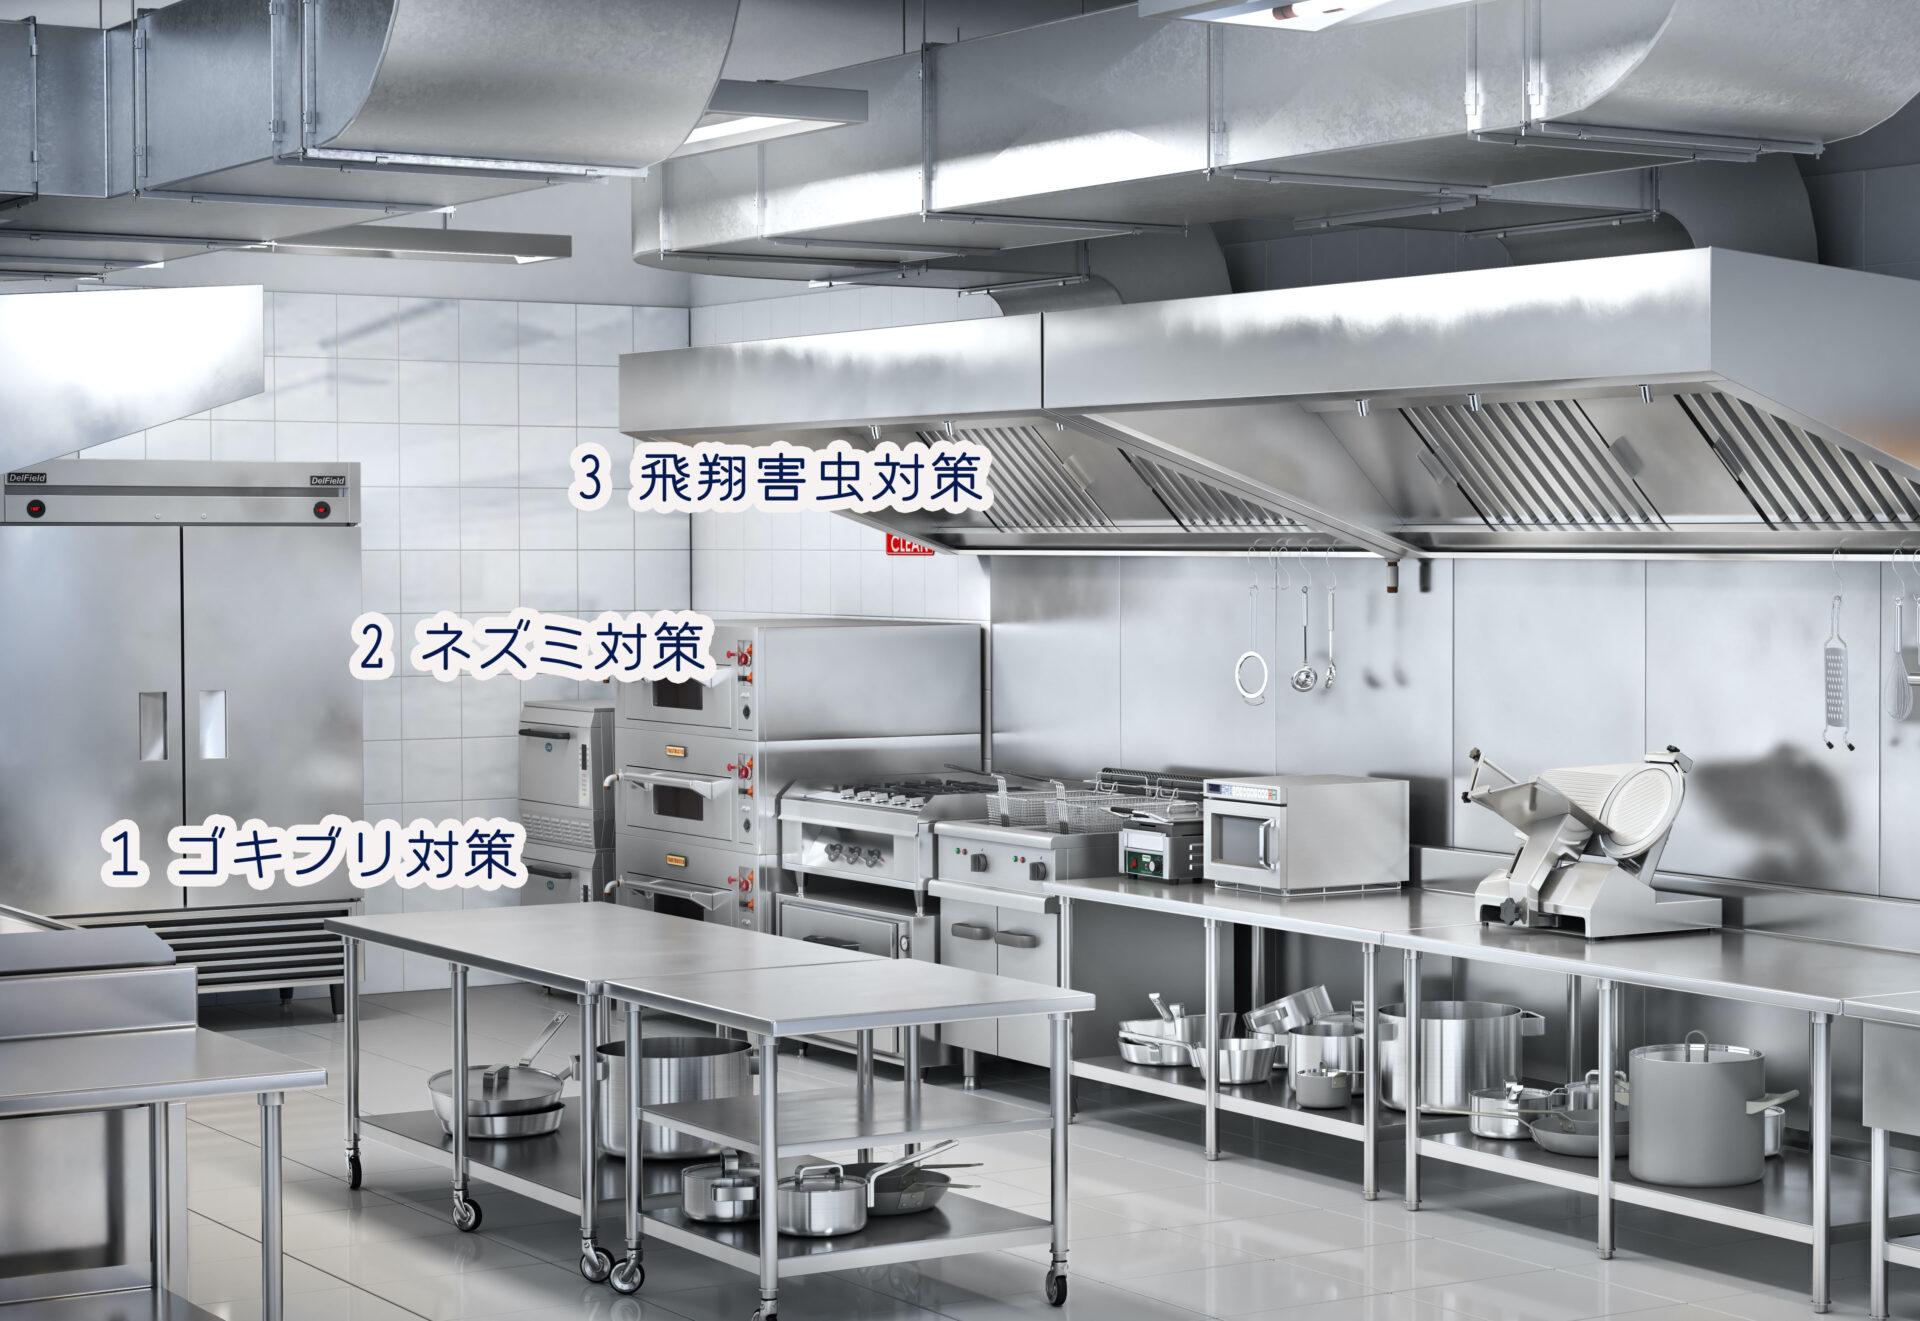 飲食店 イメージ